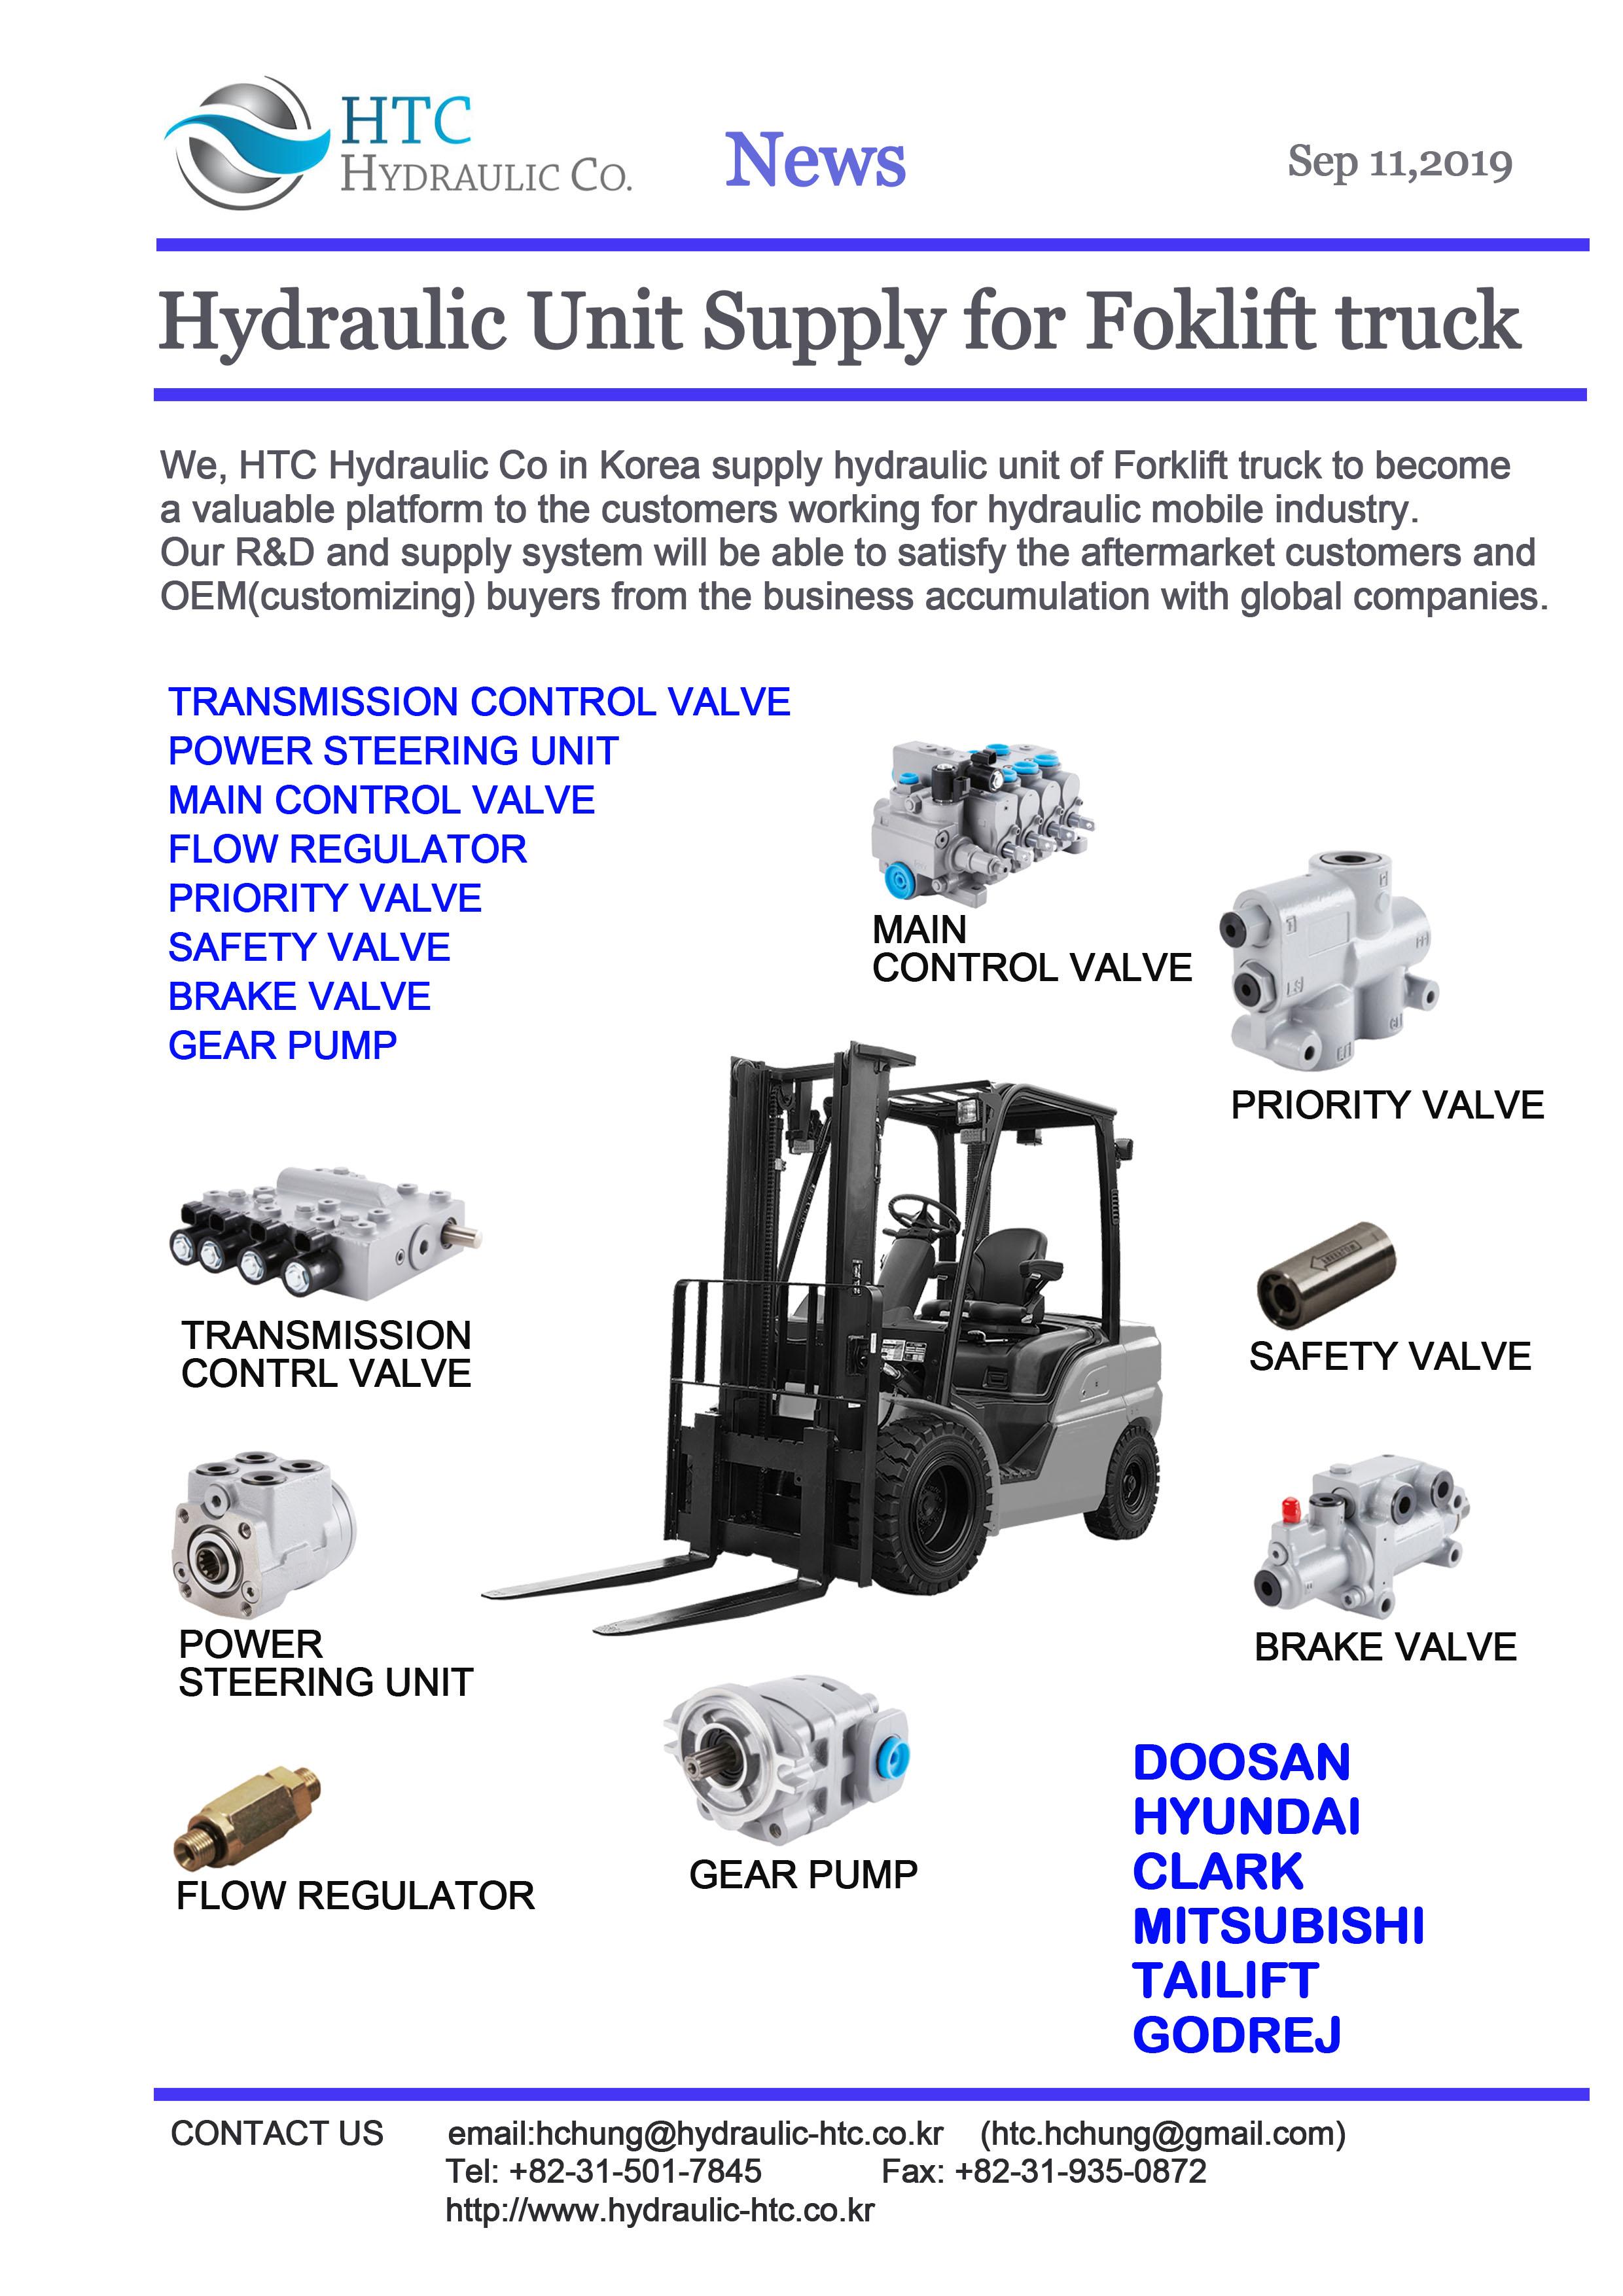 forklift truck hydraulic unit